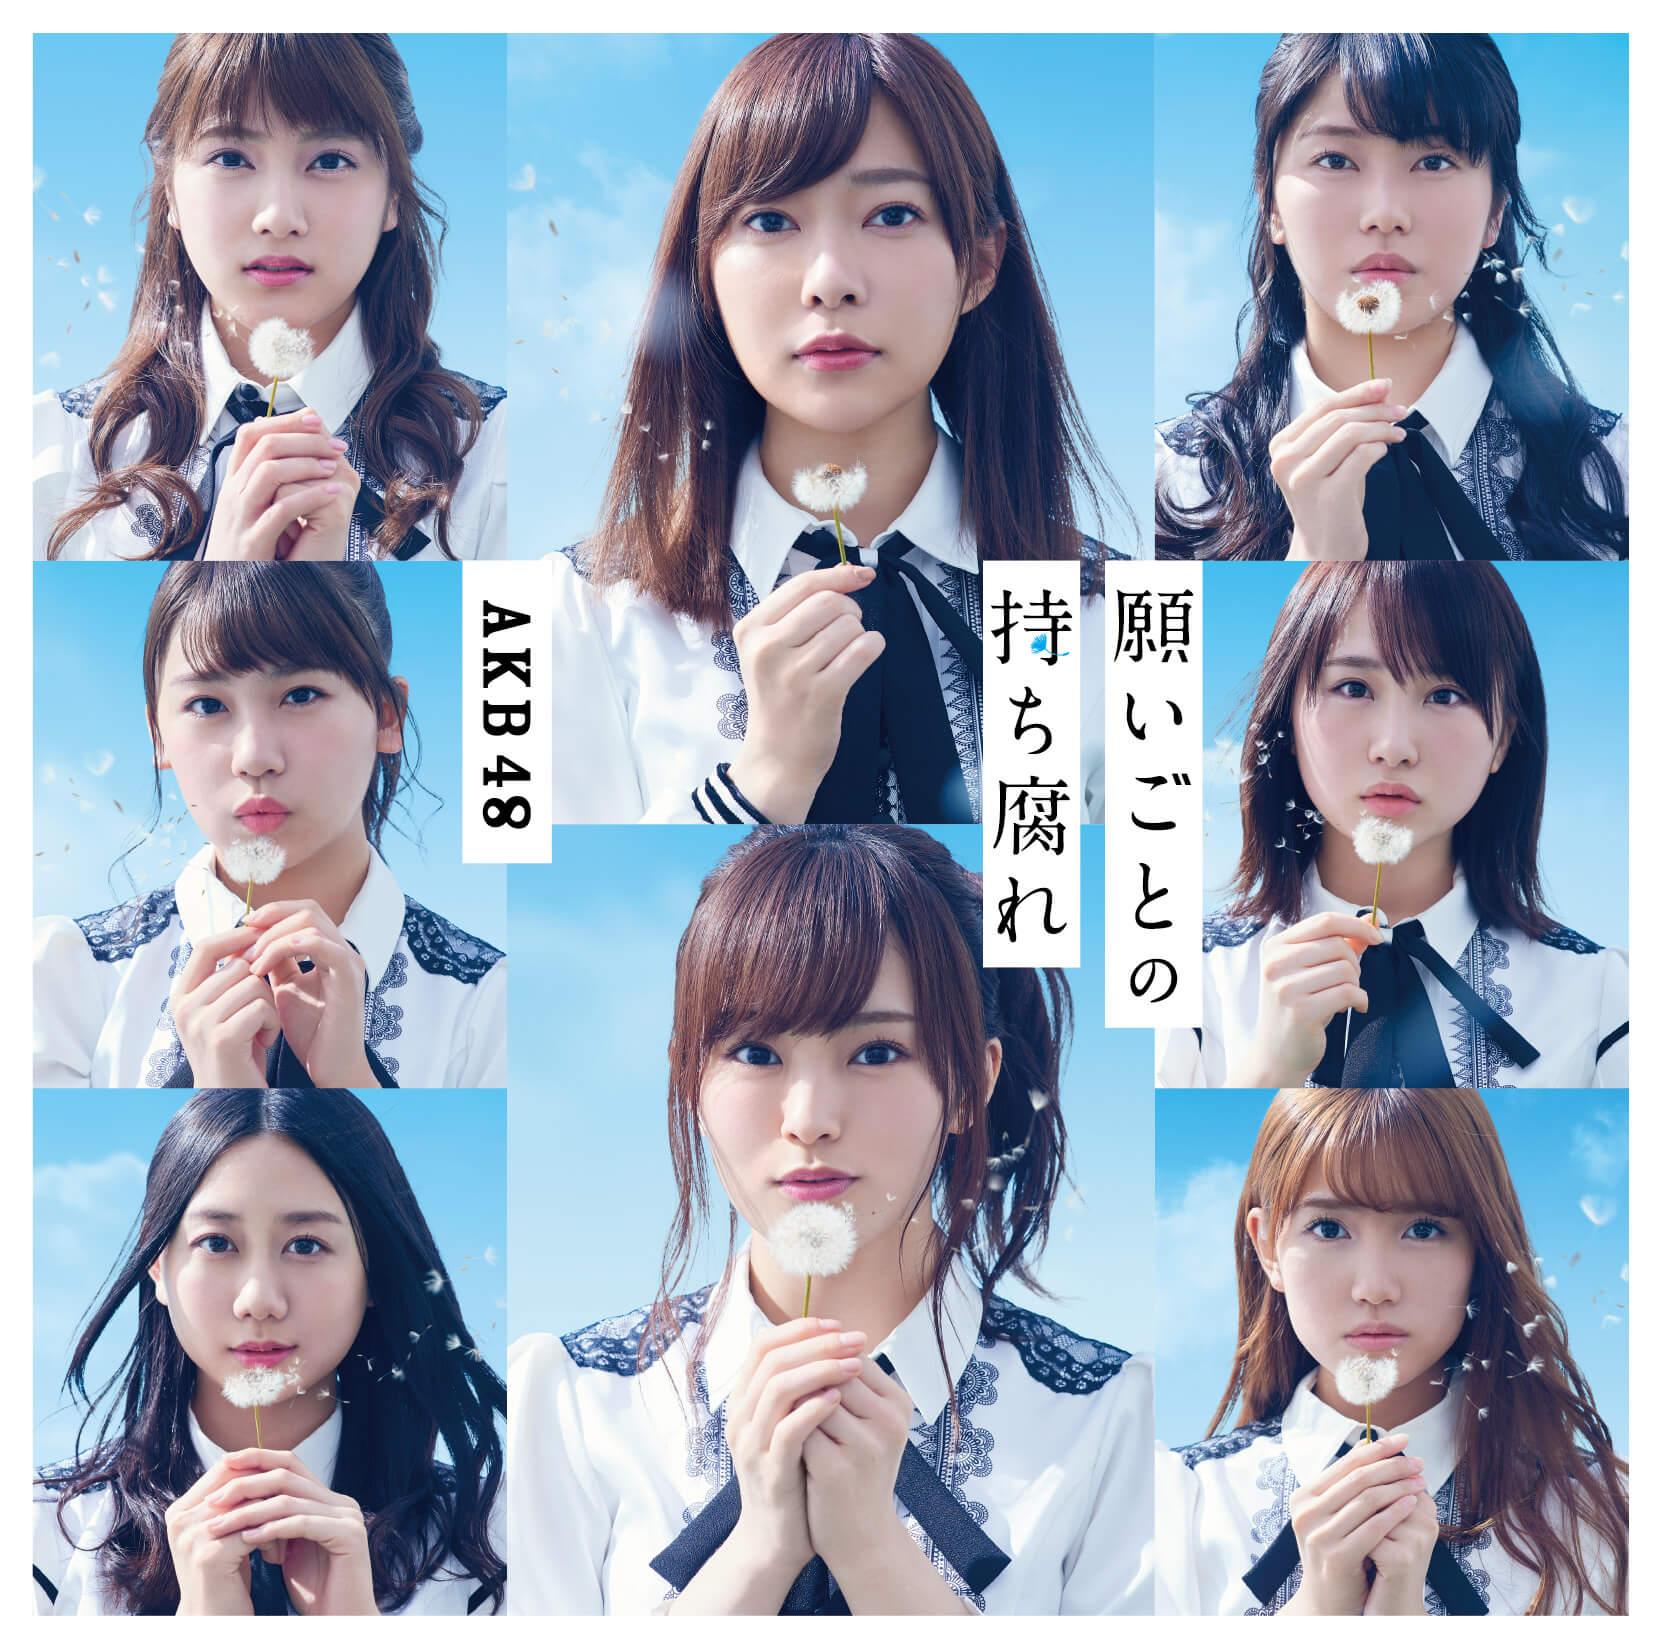 願いごとの持ち腐れ Type B 初回限定盤(MAXI+DVD複合)